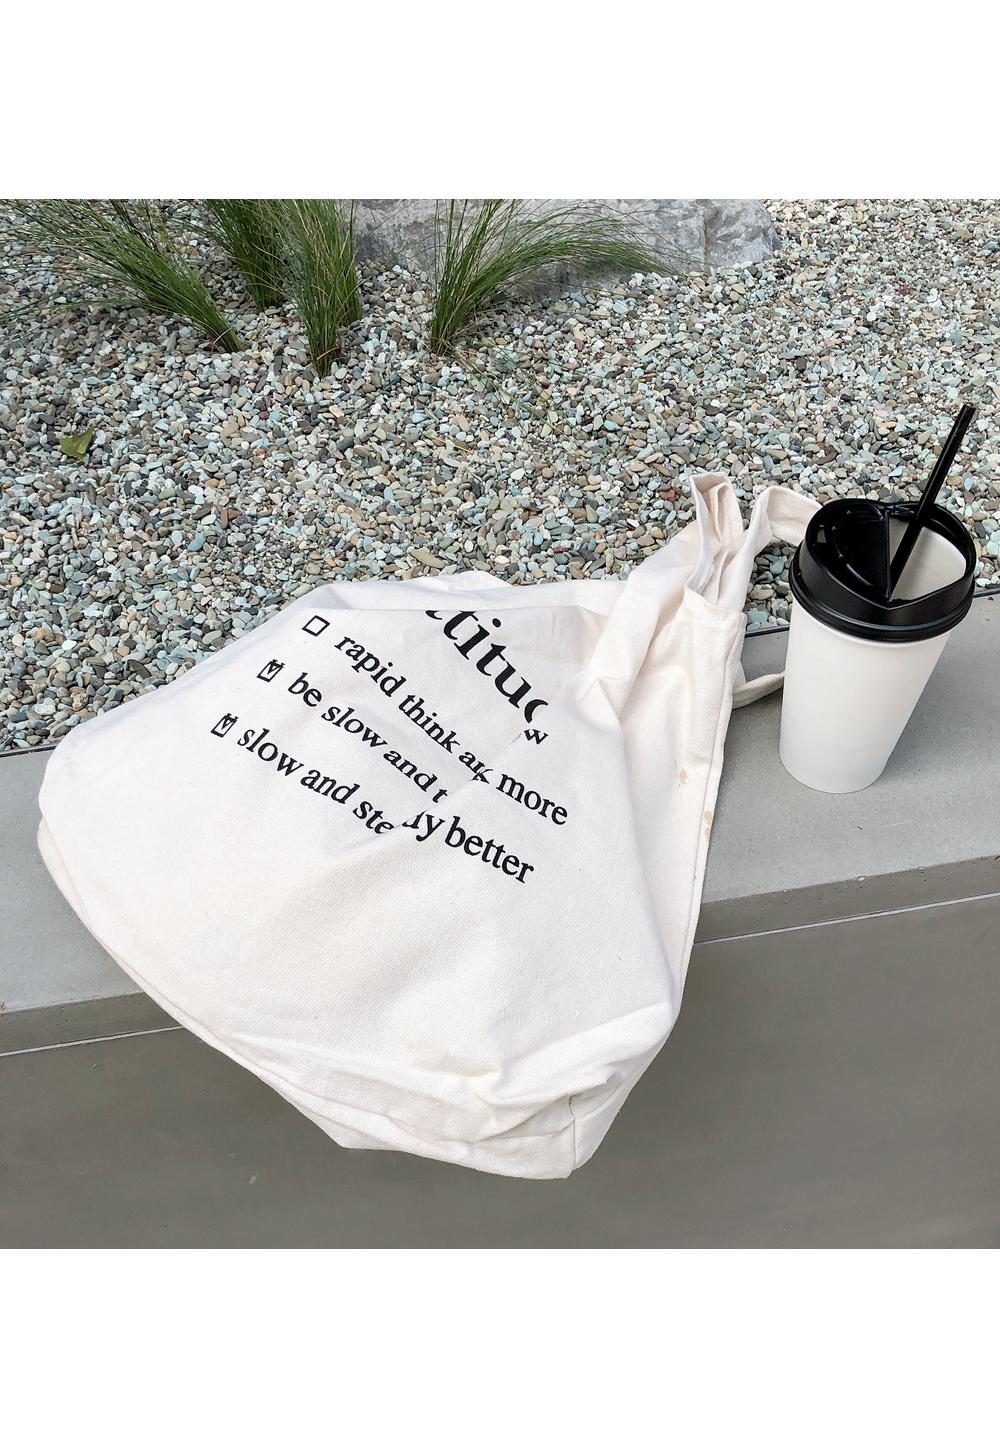 Daily Ham Eco Eco Bag